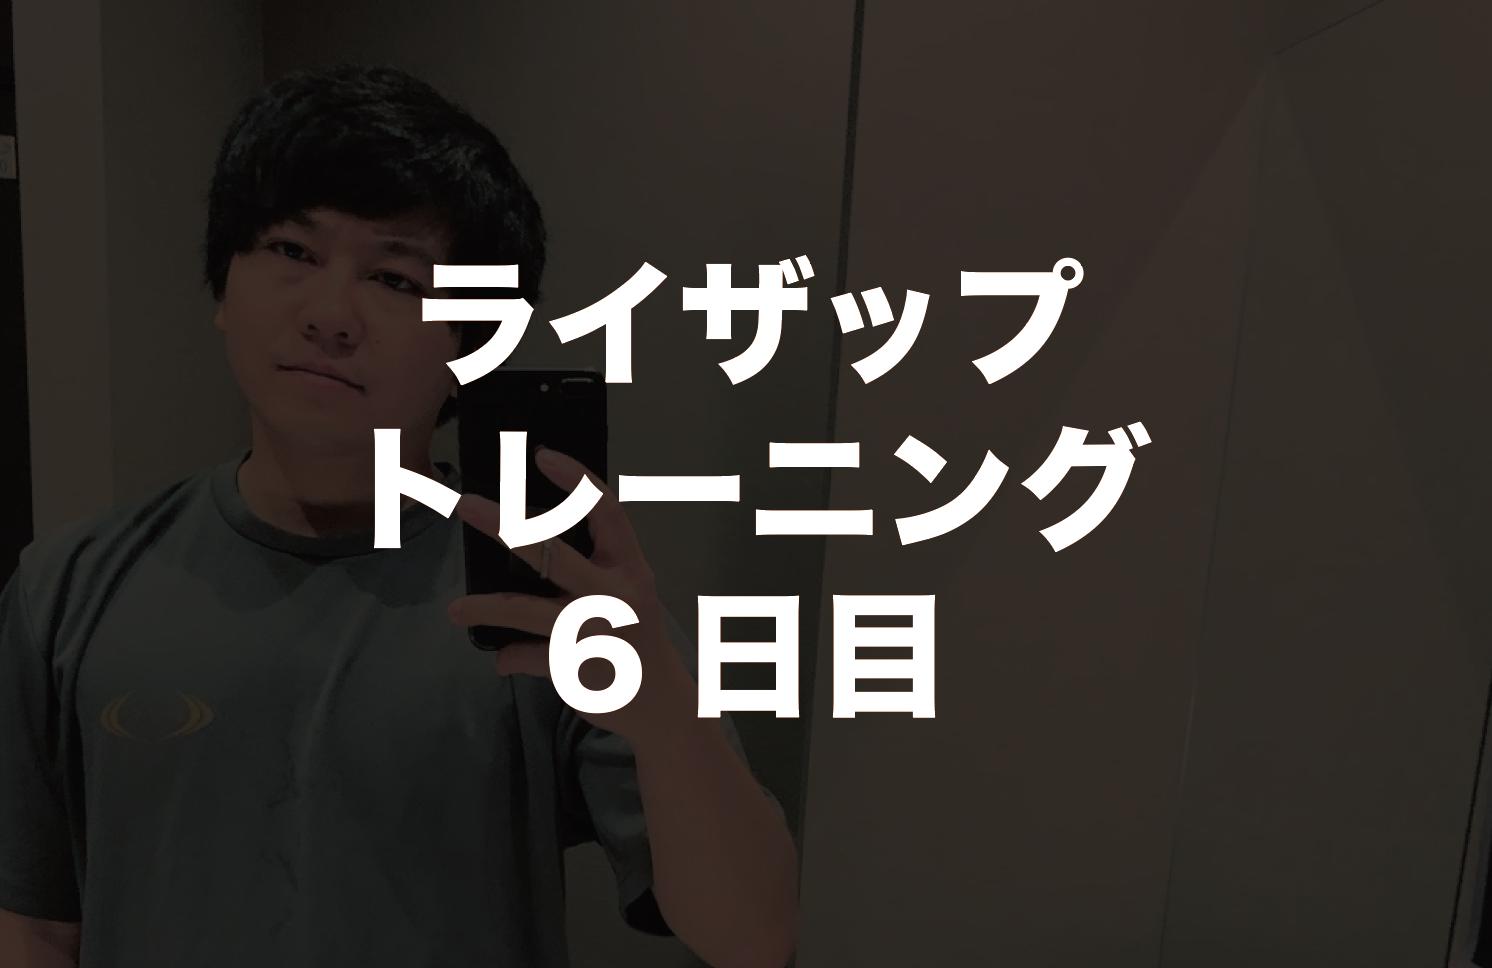 ライザップトレーニング6日目